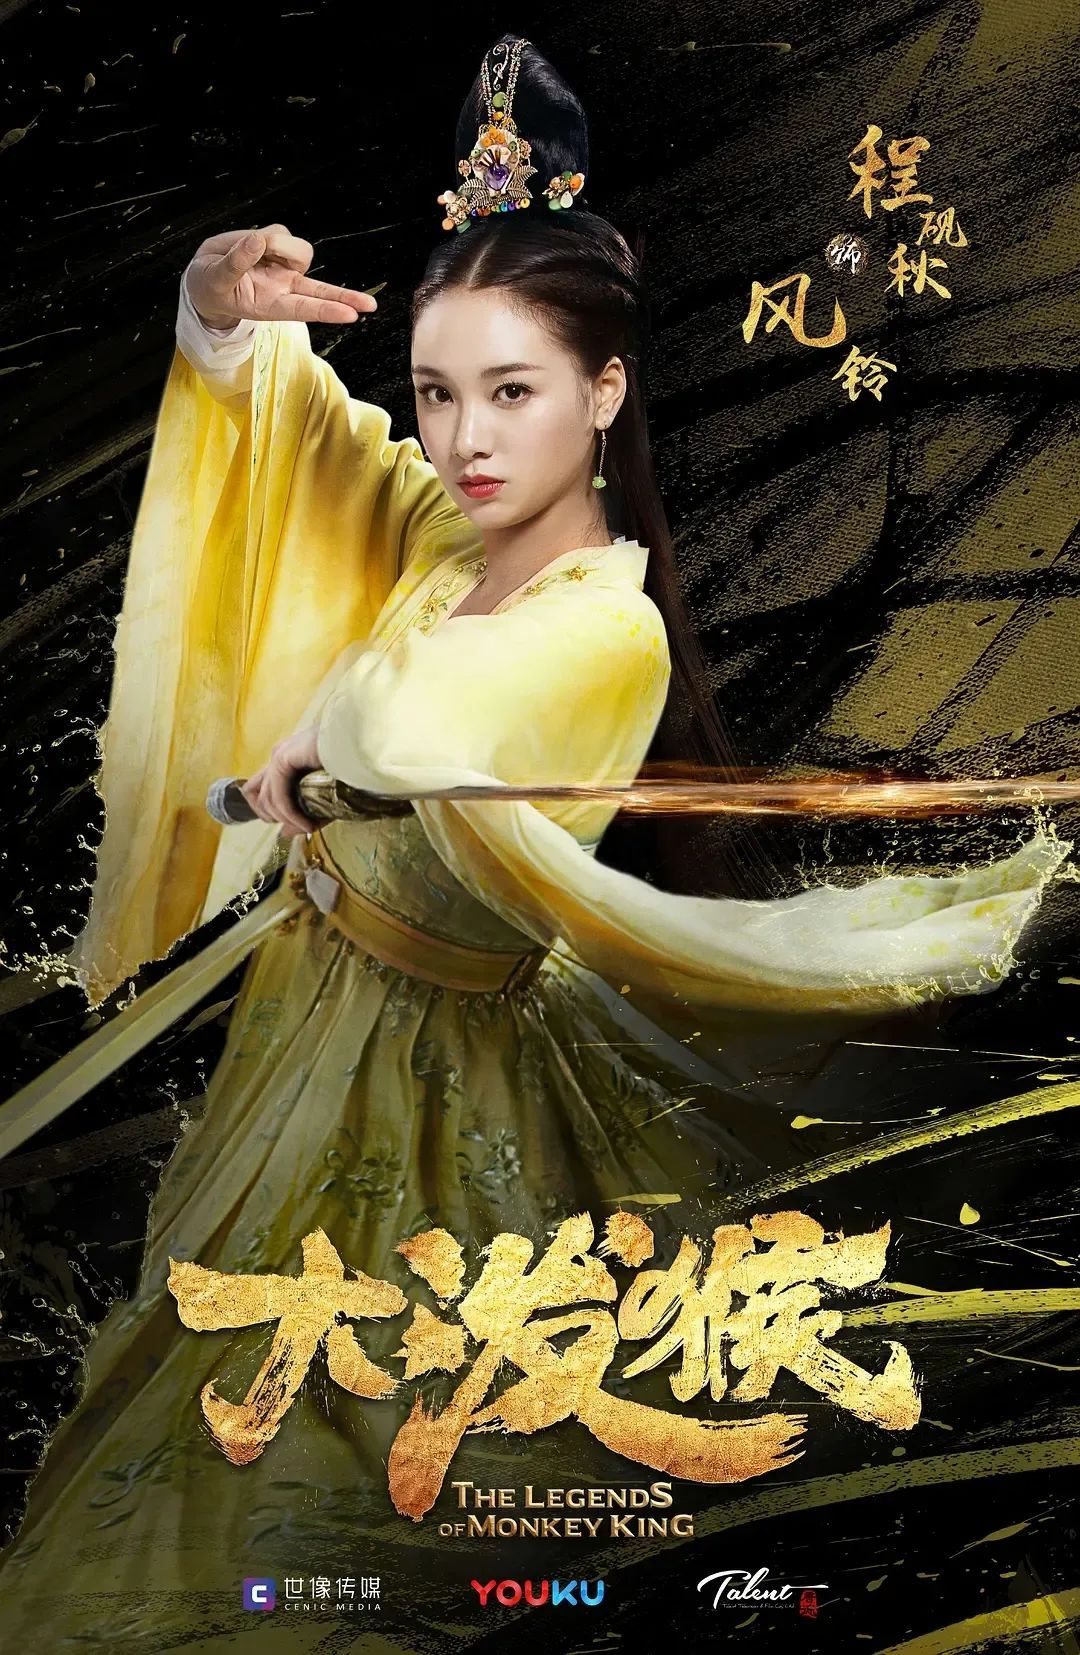 《皎若云间月》全集-电视剧百度云网盘完整无删减资源